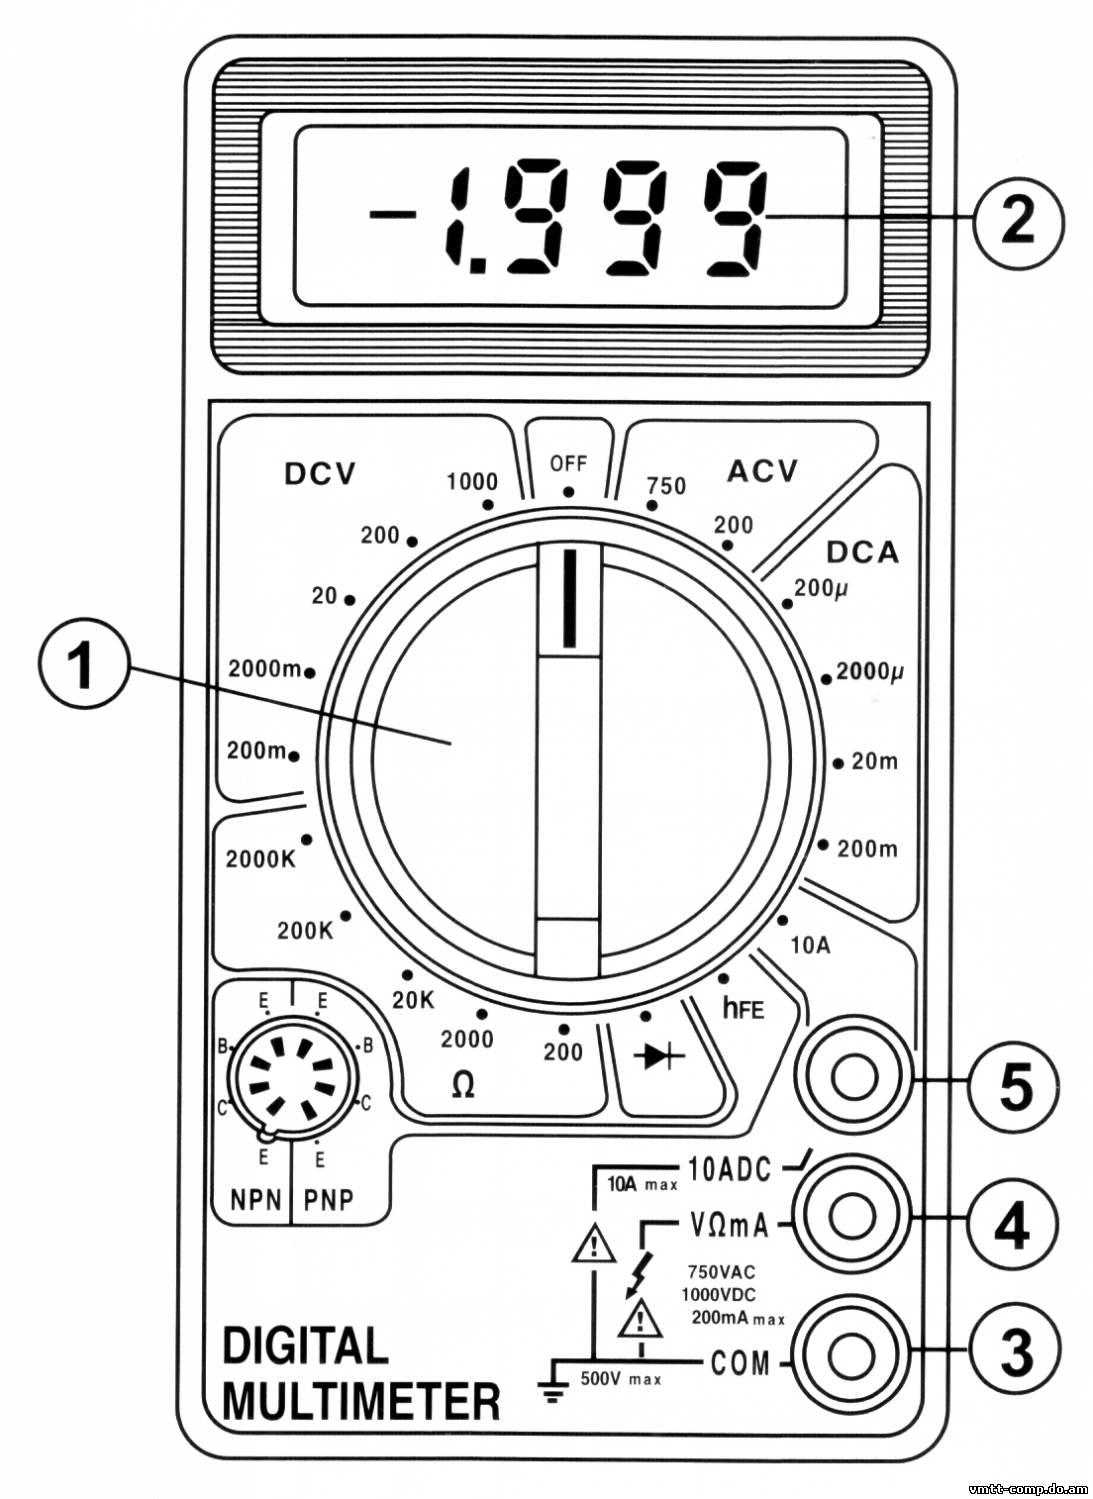 мультиметр м838 инструкция по применению видео